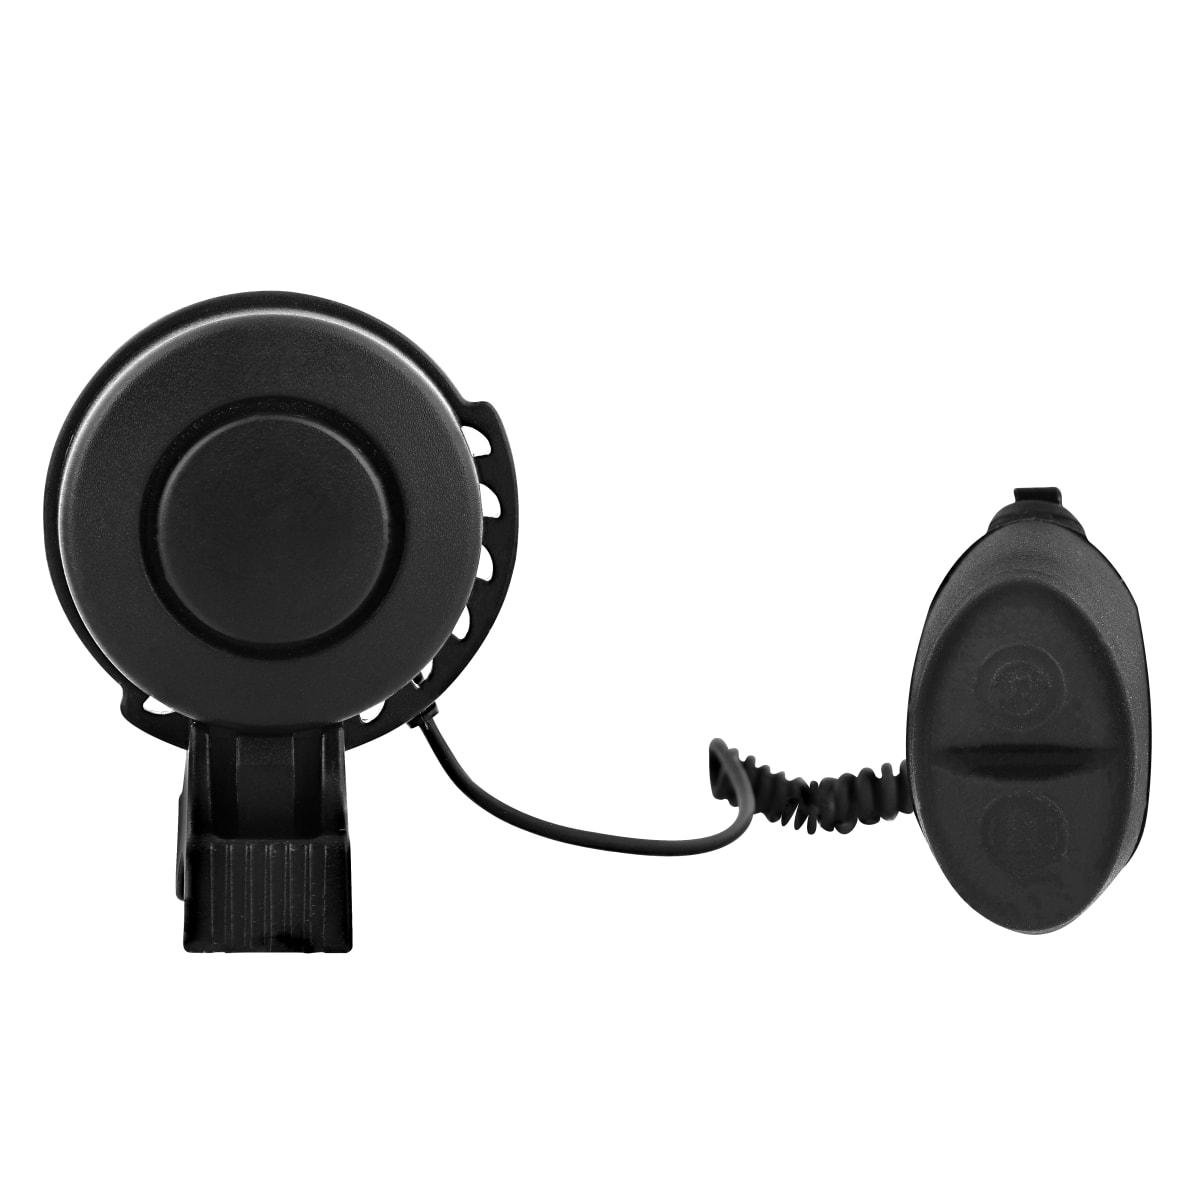 Electronic bell for handlebar